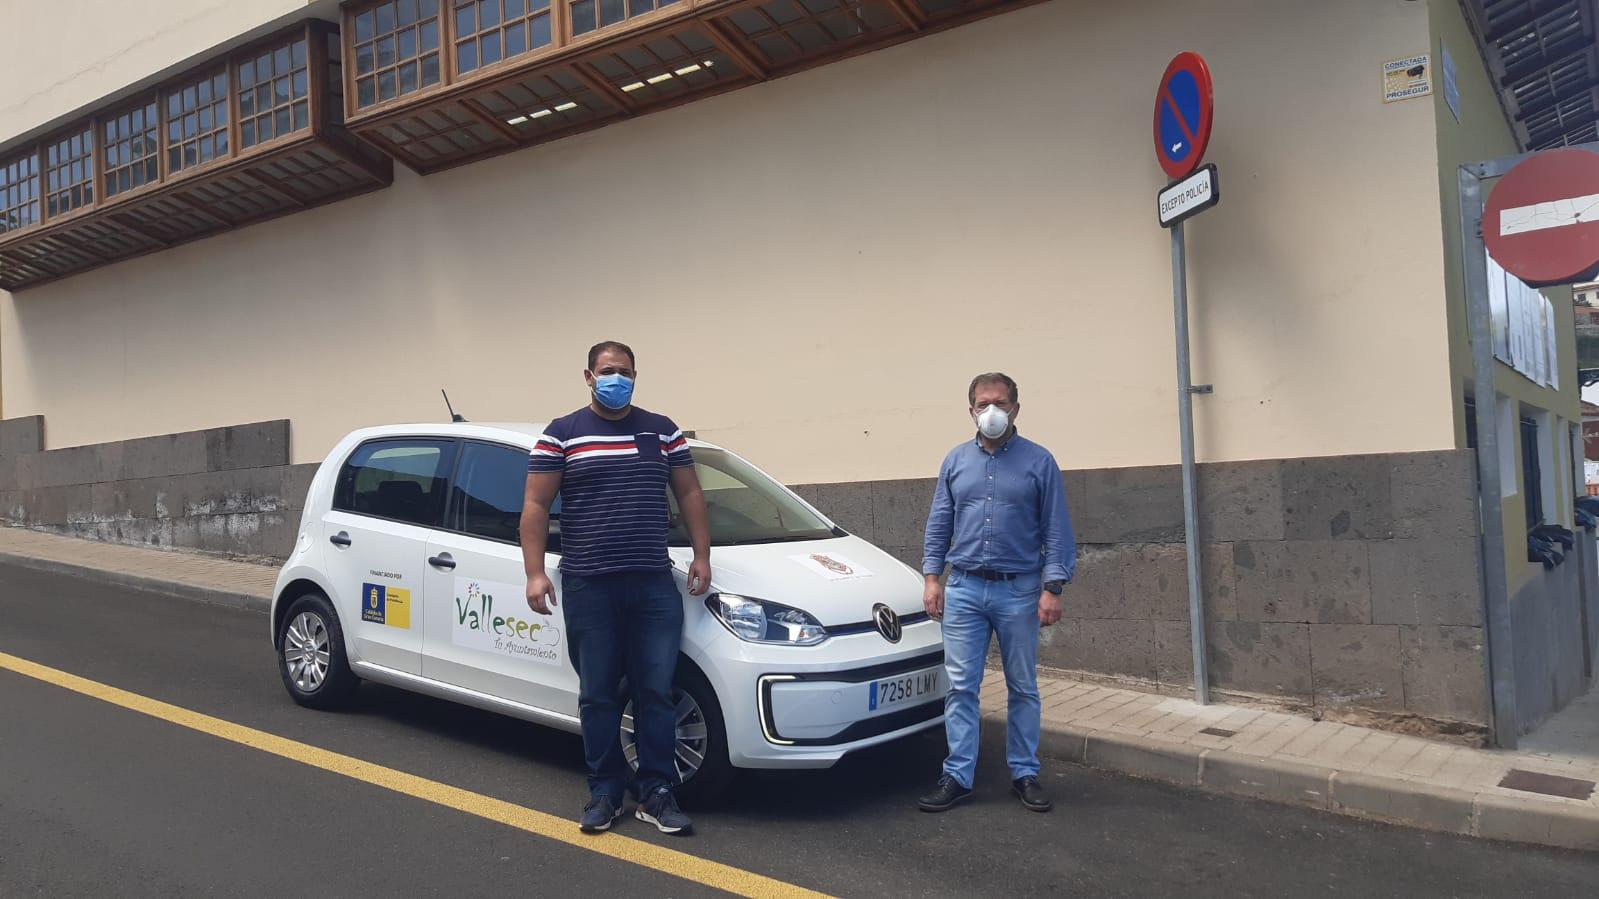 Nuevo vehículo eléctrico del parque móvil del Ayuntamiento de Valleseco (Gran Canaria) / CanariasNoticias.es